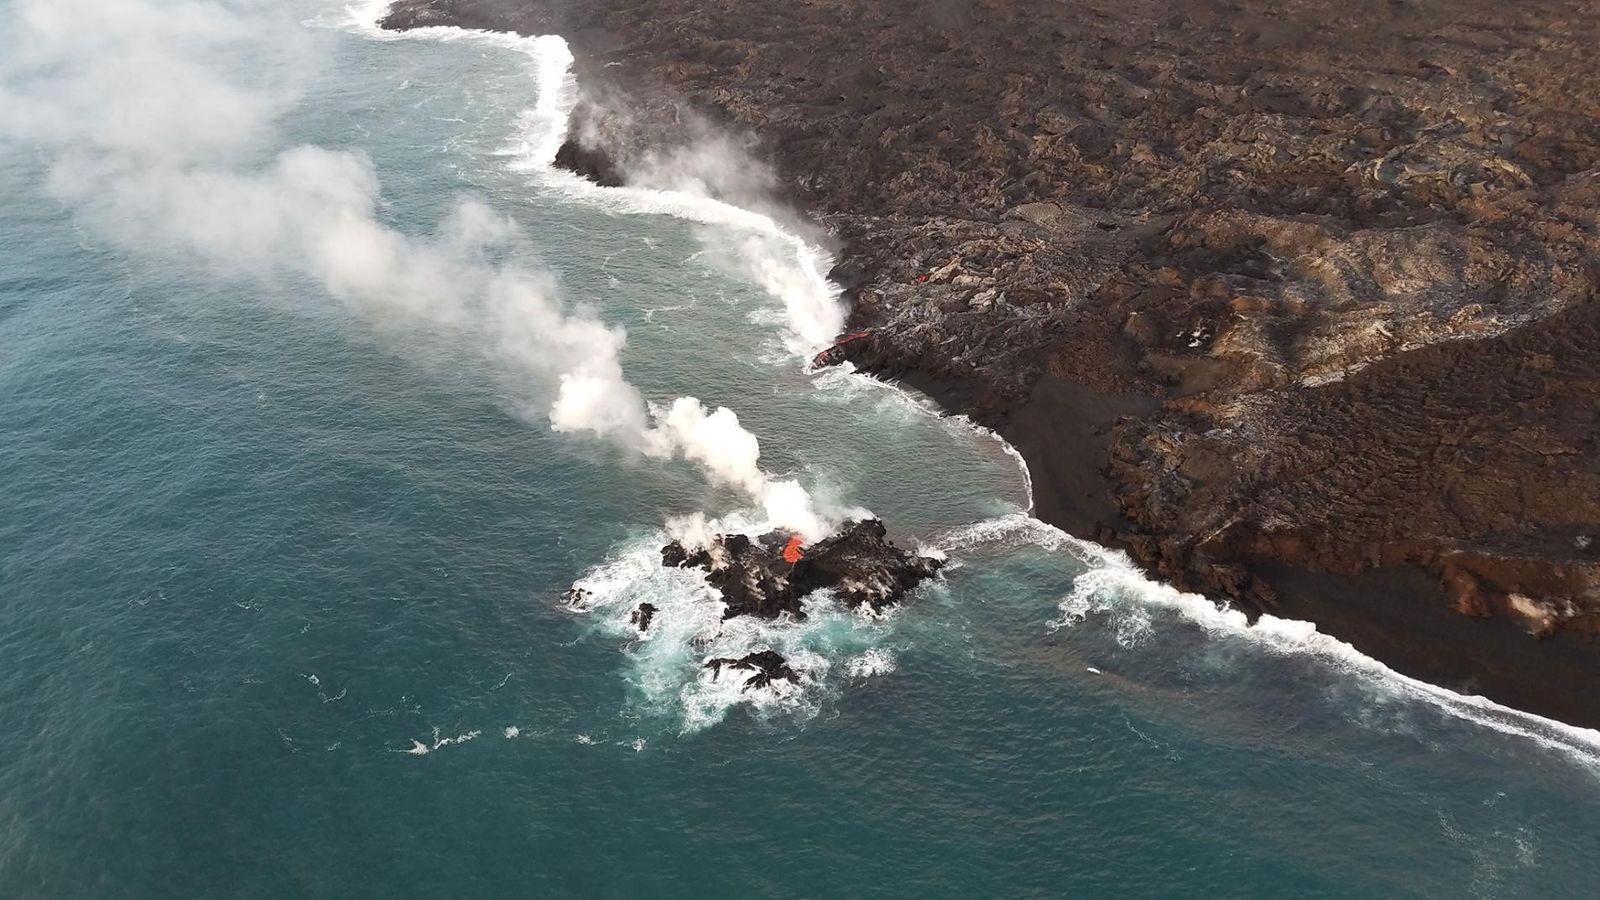 L'éruption du Kilauea a brièvement formé cette petite île au large des côtes d'Hawaï.